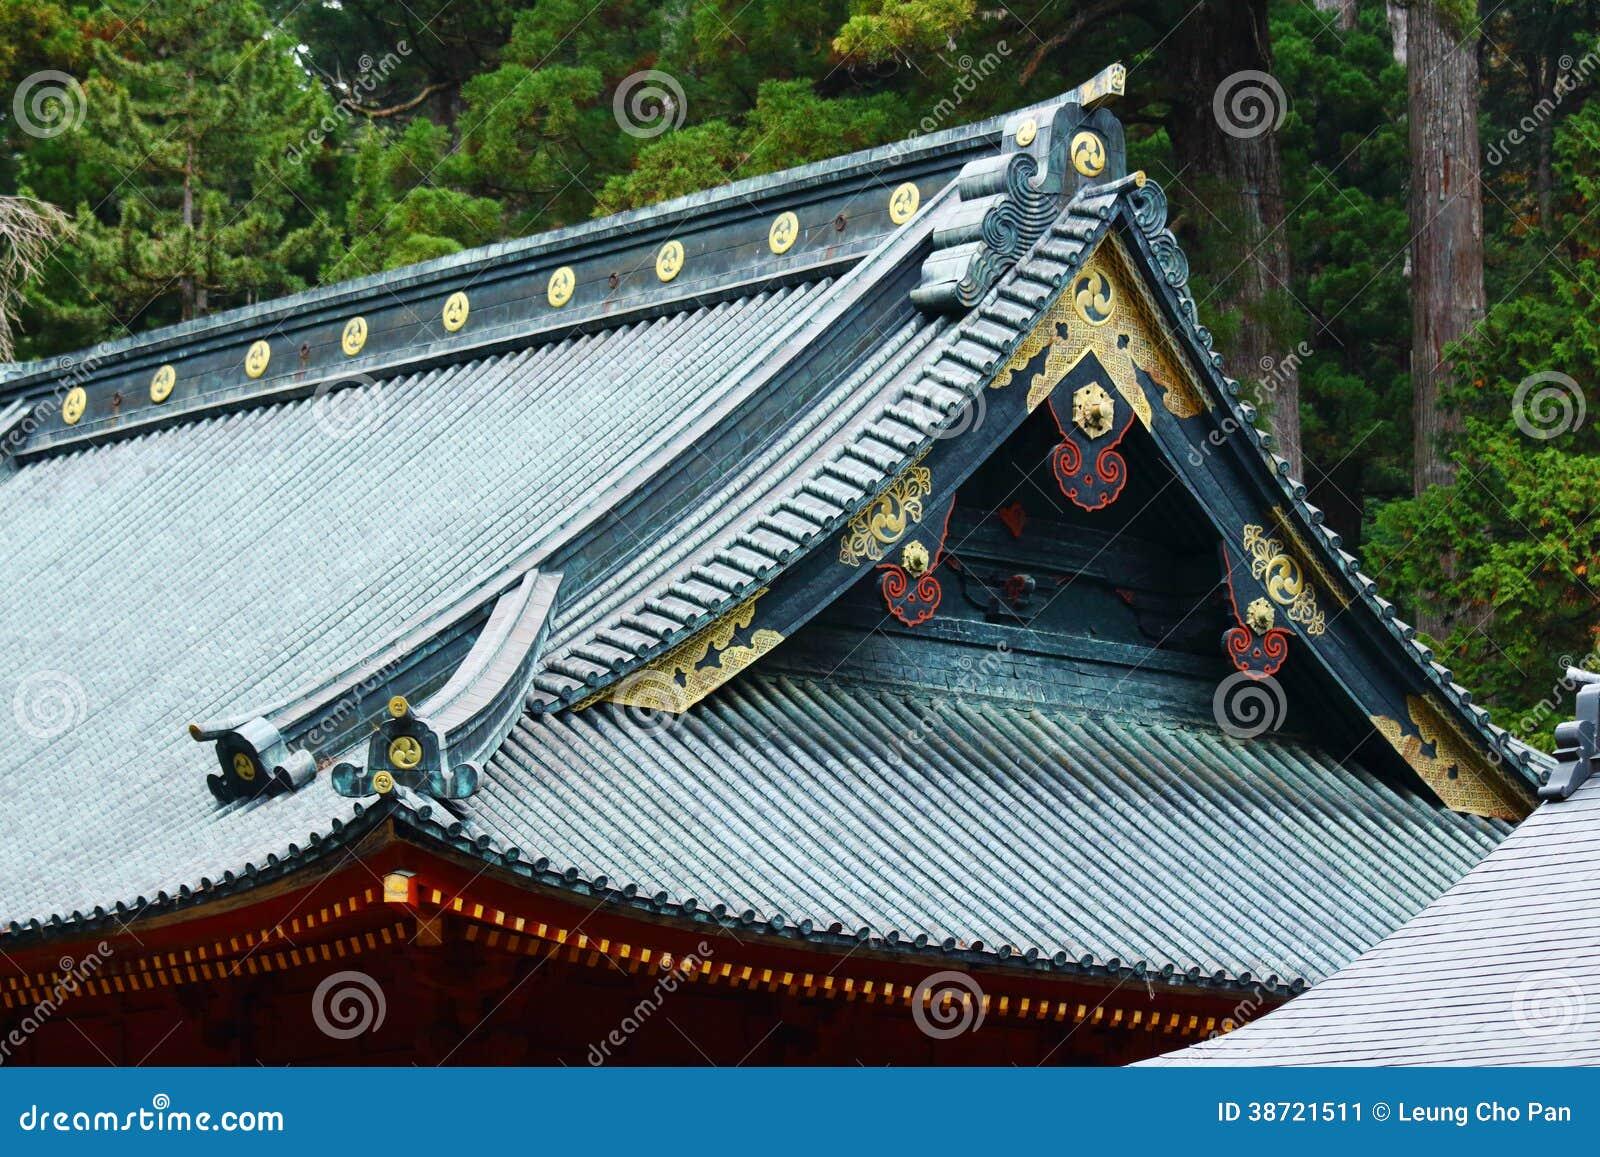 goutti re de toit de temple de style japonais image stock. Black Bedroom Furniture Sets. Home Design Ideas